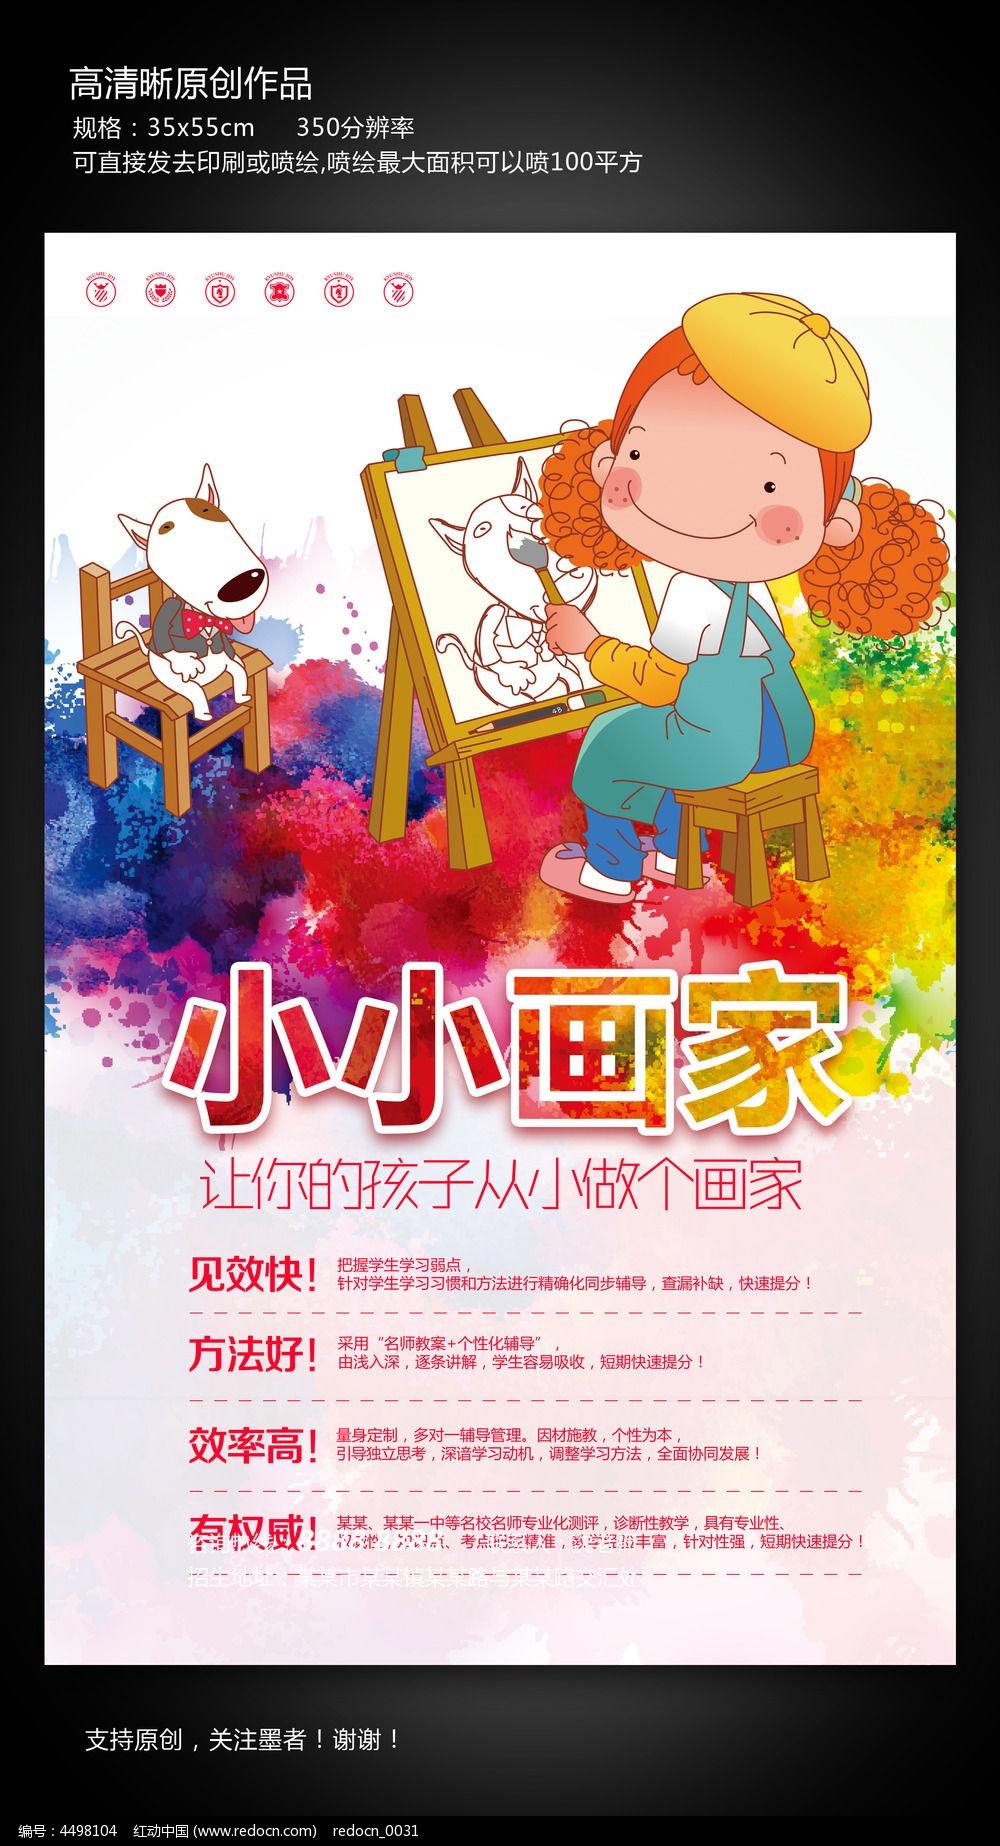 原创设计稿 海报设计/宣传单/广告牌 海报设计 少儿美术培训学校招生图片